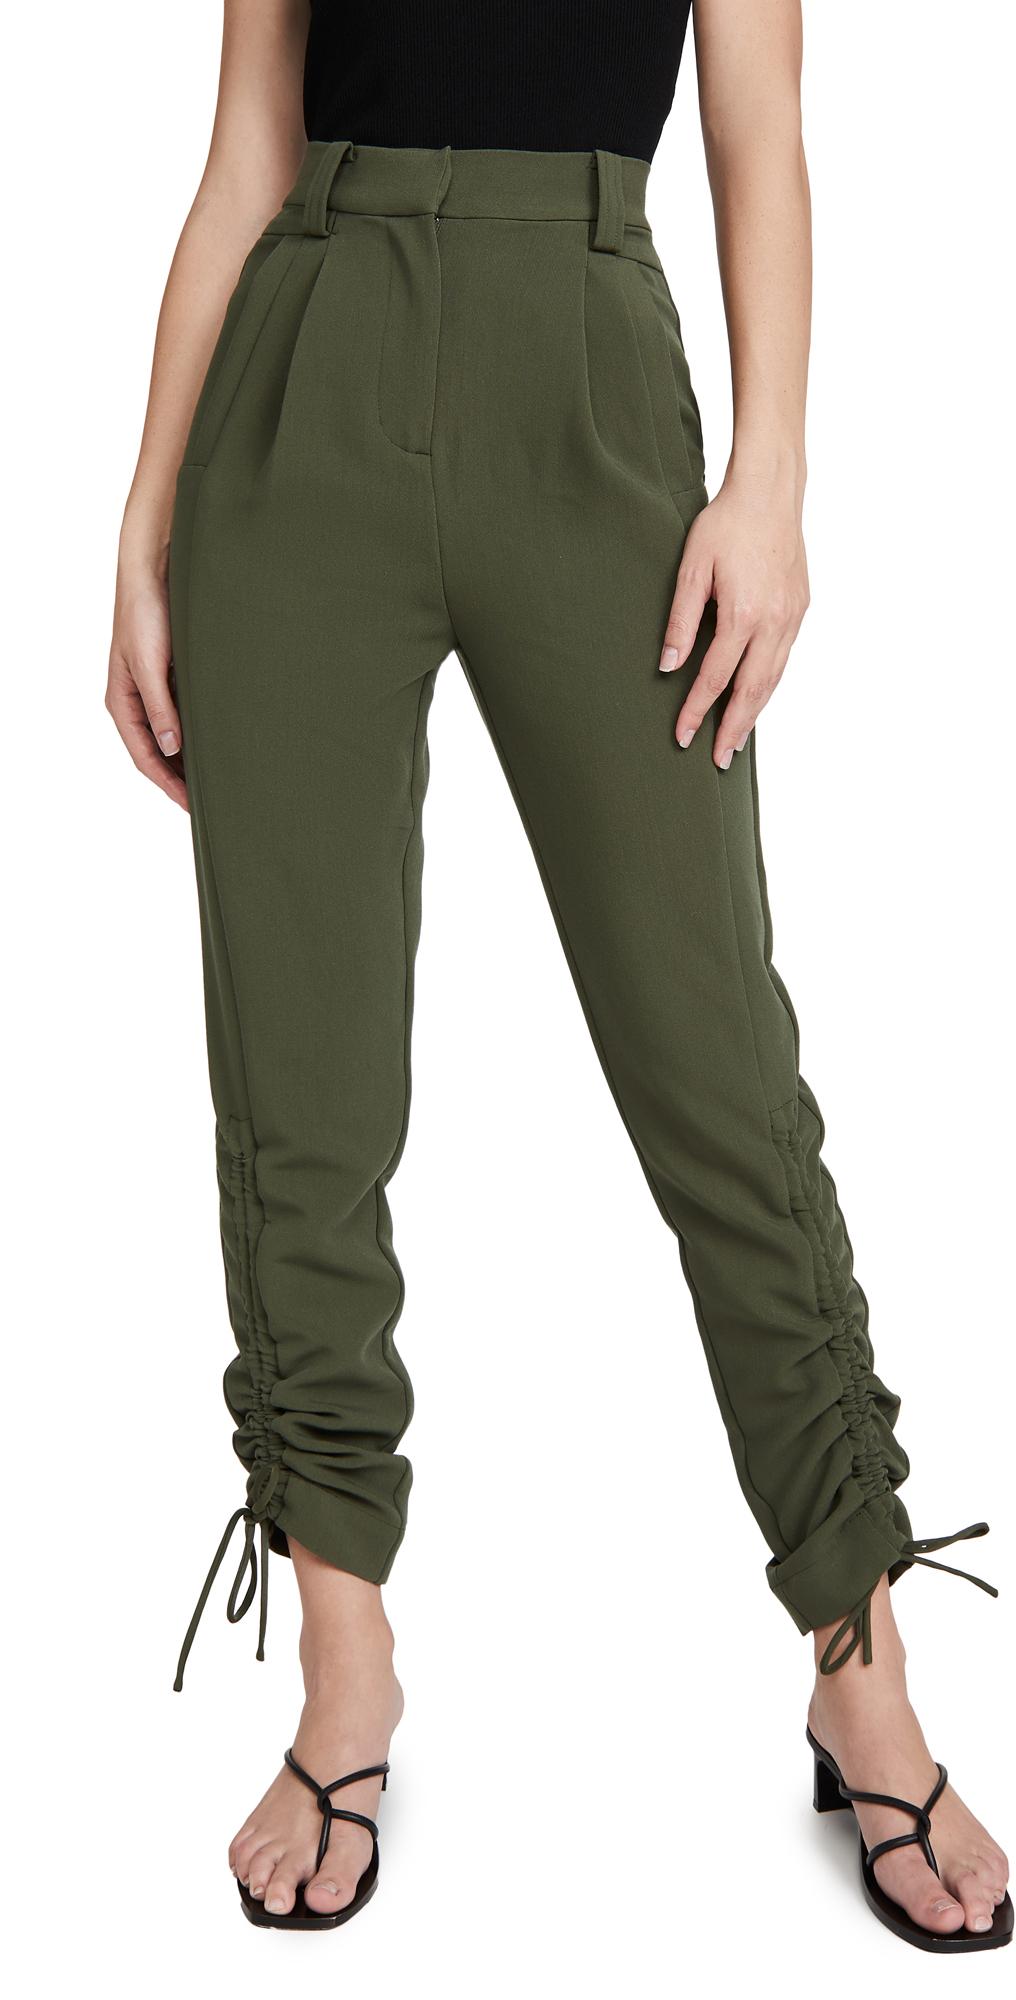 Aje Interlace Pants